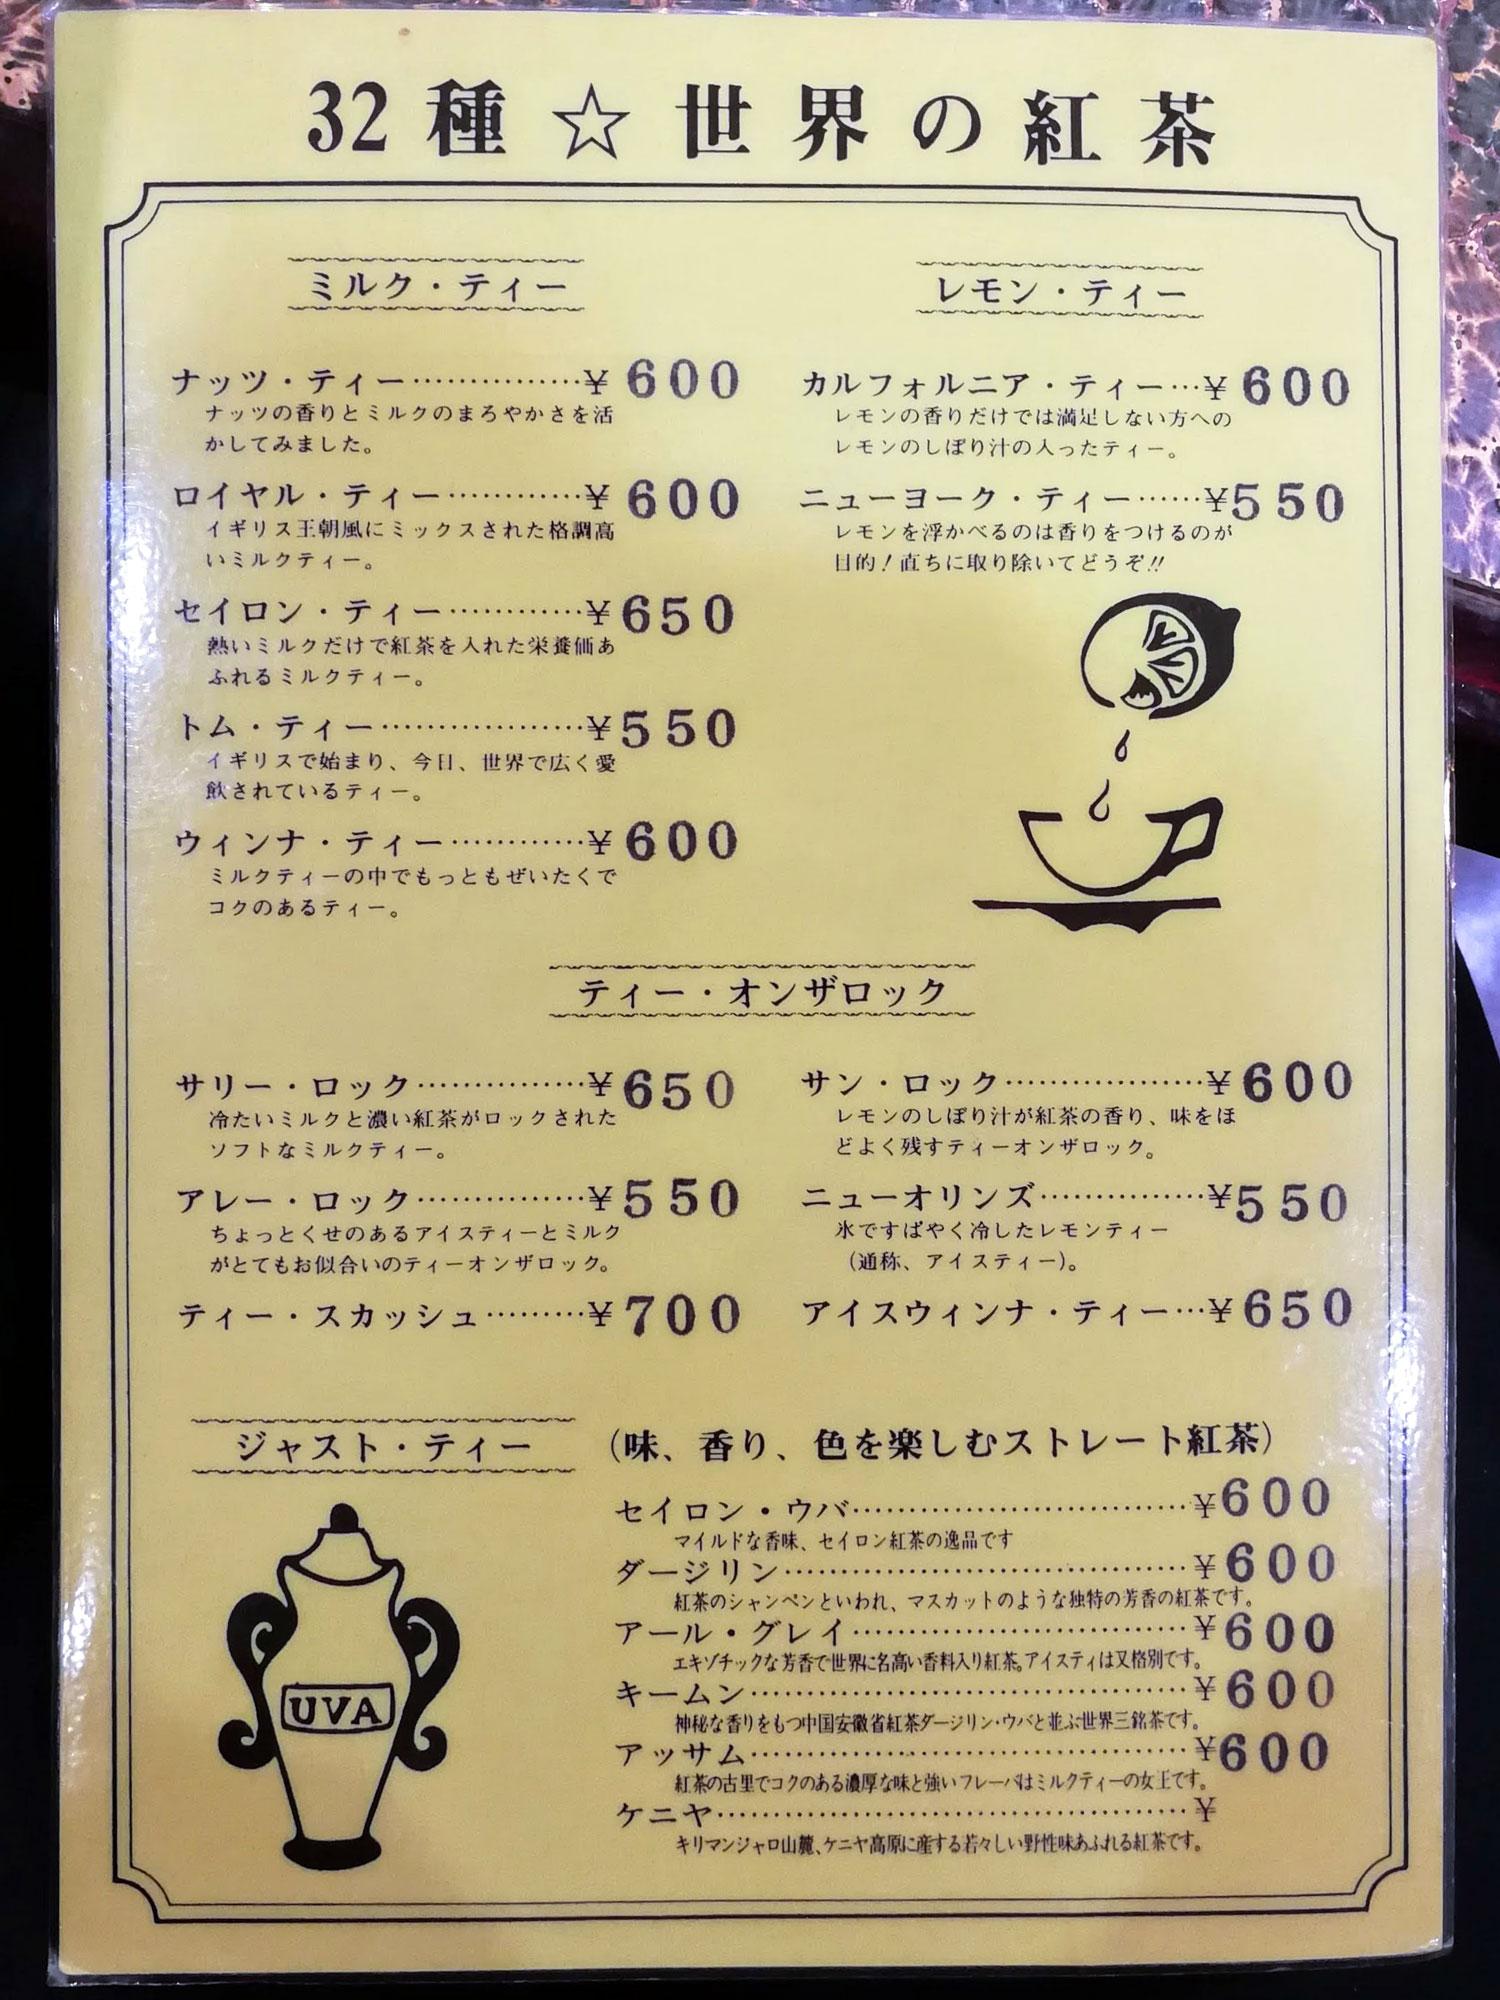 『珈琲 蕃』お店のメニュー